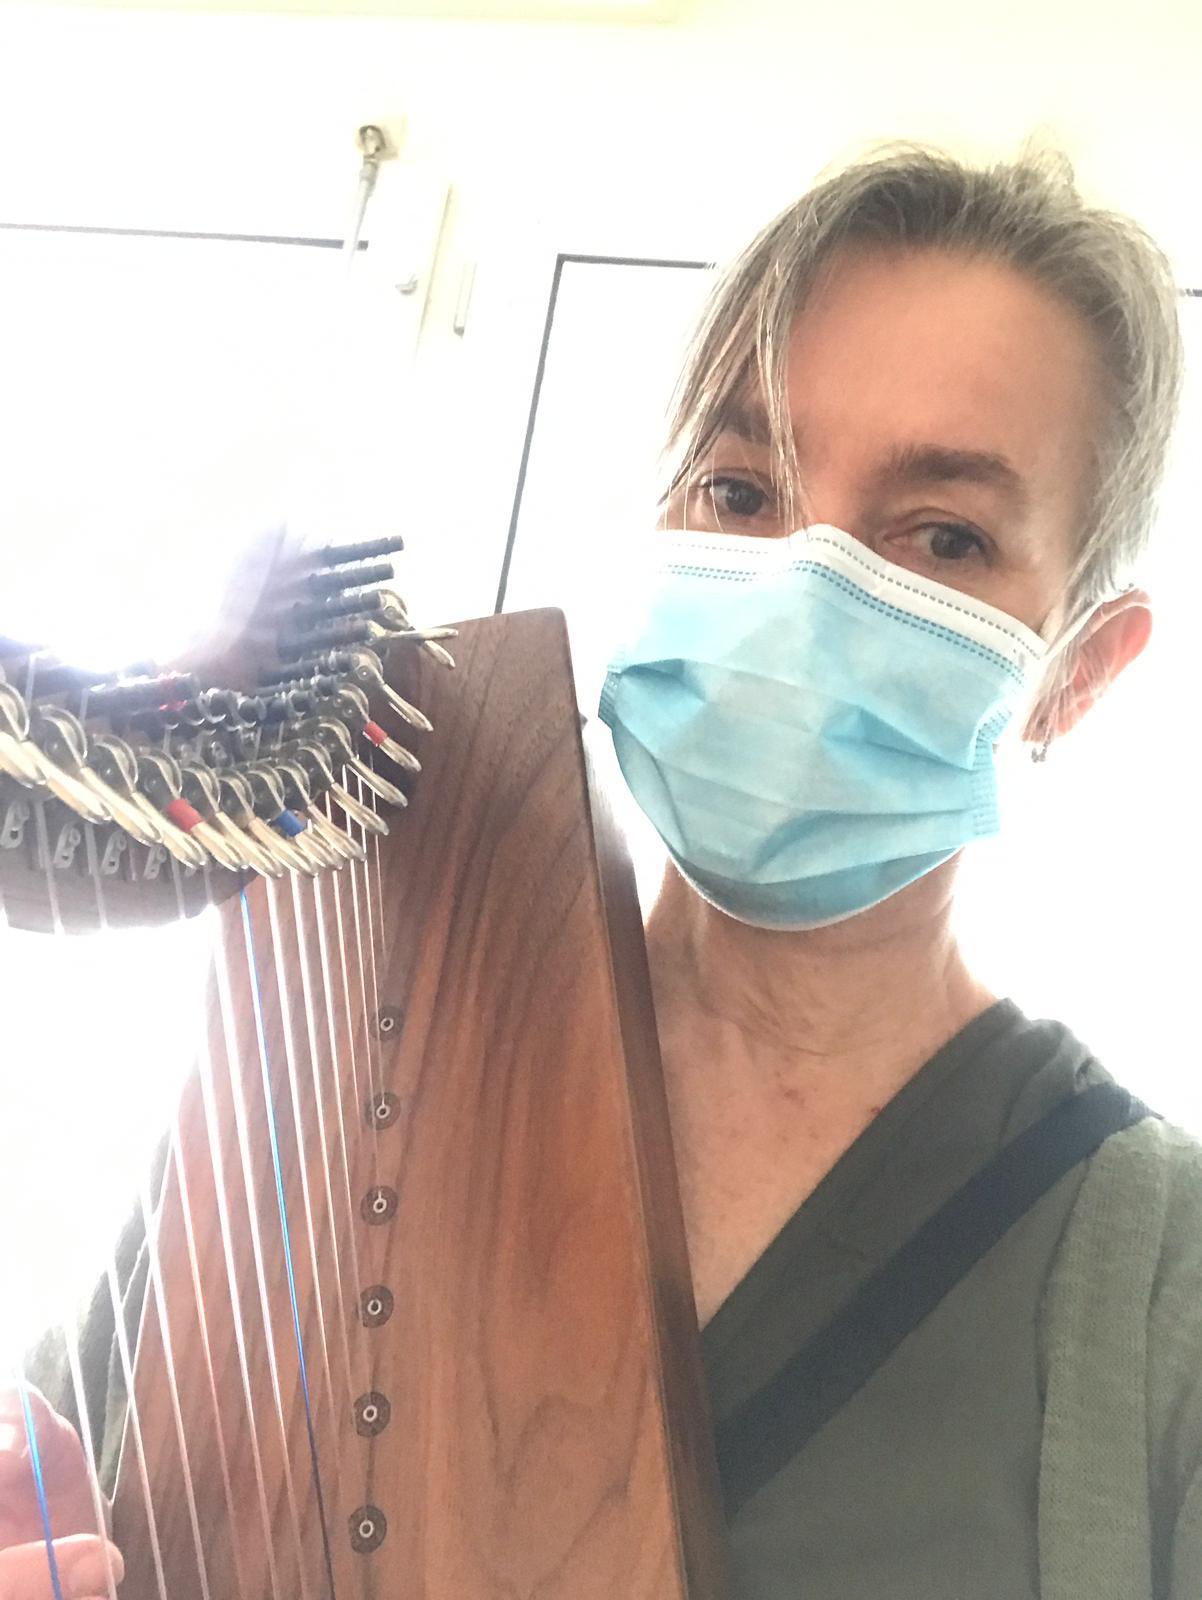 harp therapy, IC, ICU, MuzIC, harp